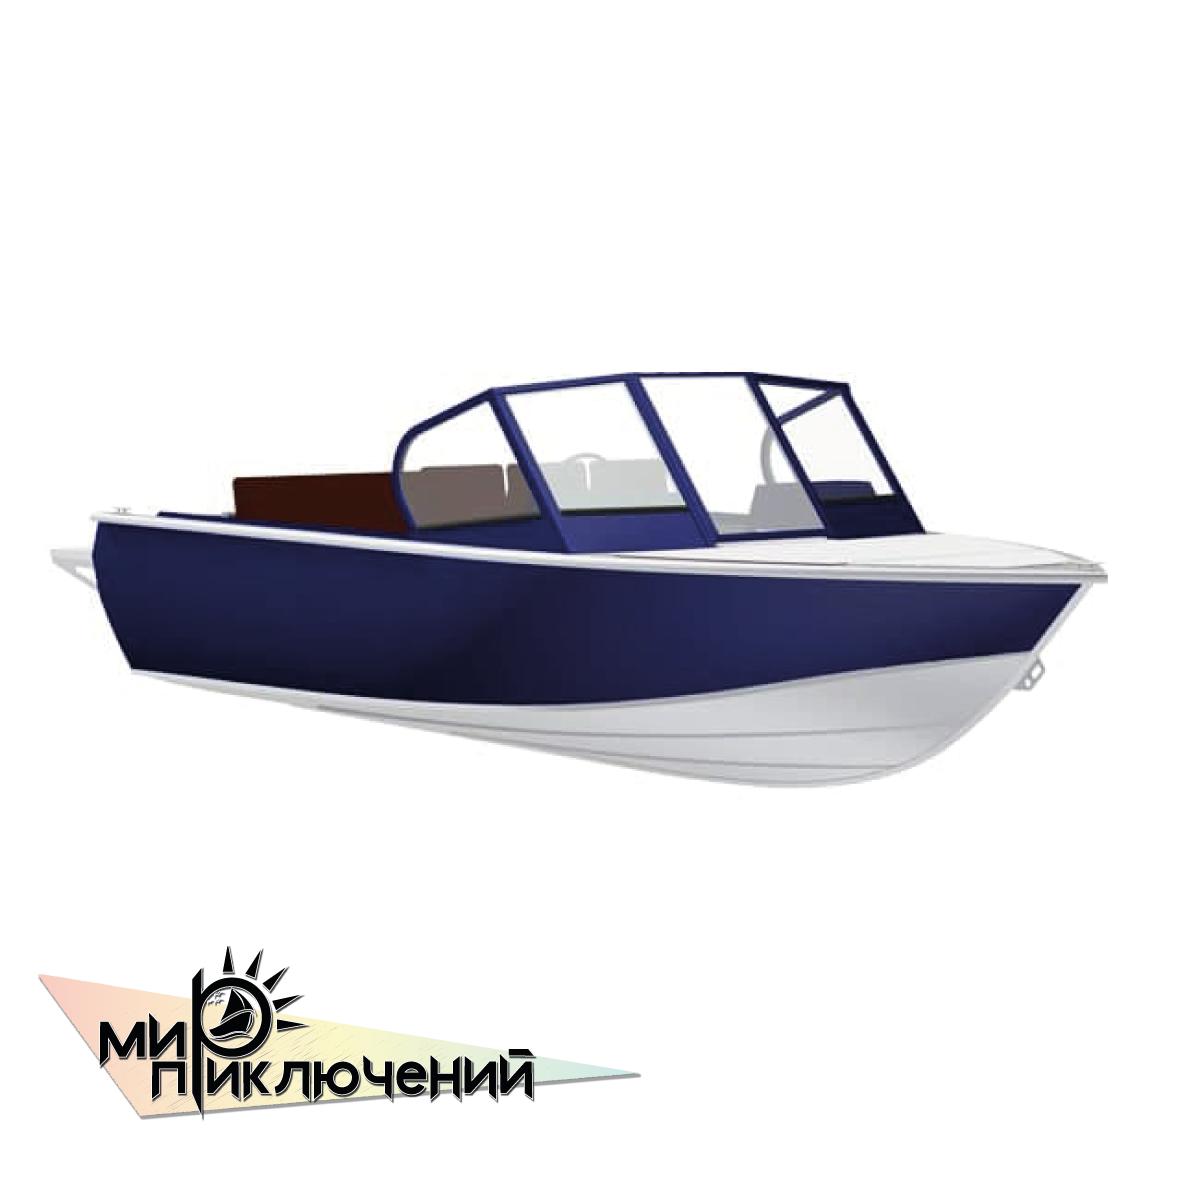 Моторная лодка Салют 480 NEO